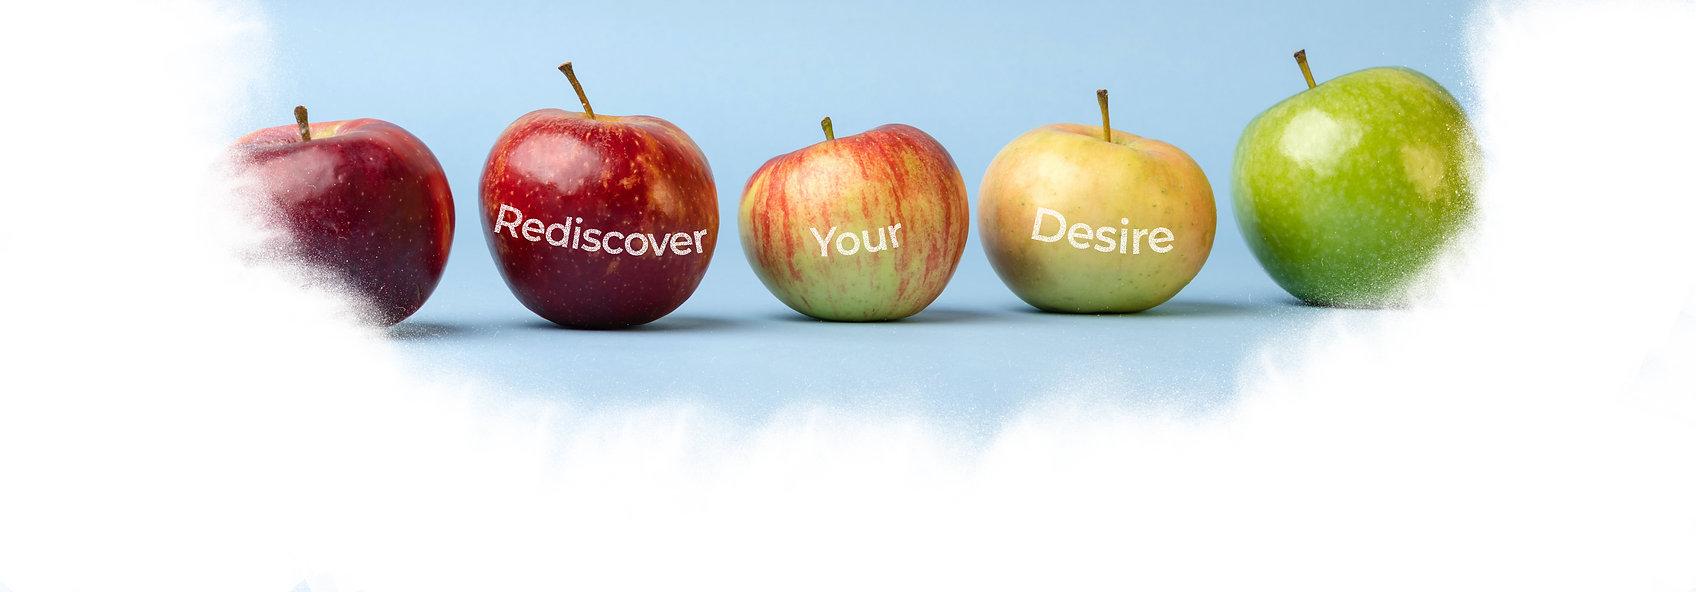 Website (Rediscover Your Desire).jpg